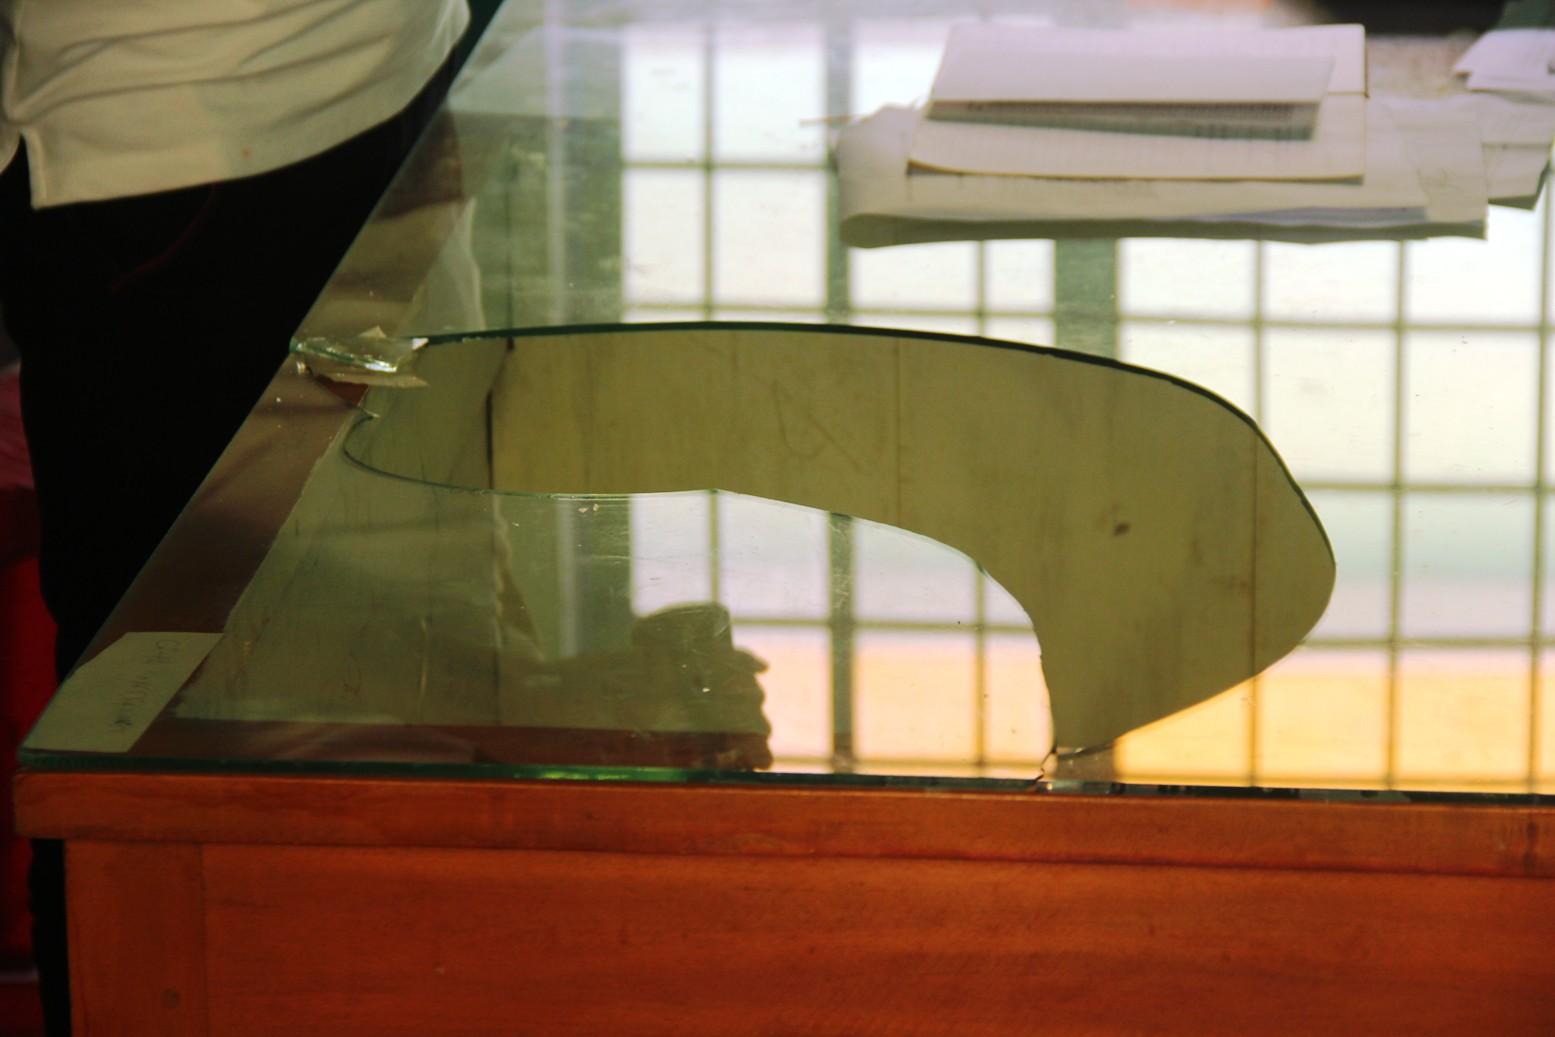 Tấm kính trên bàn làm việc tại trụ sở UBND xã Tam Xuân 2 bị vỡ gây ra vết thương cho ông Thạch